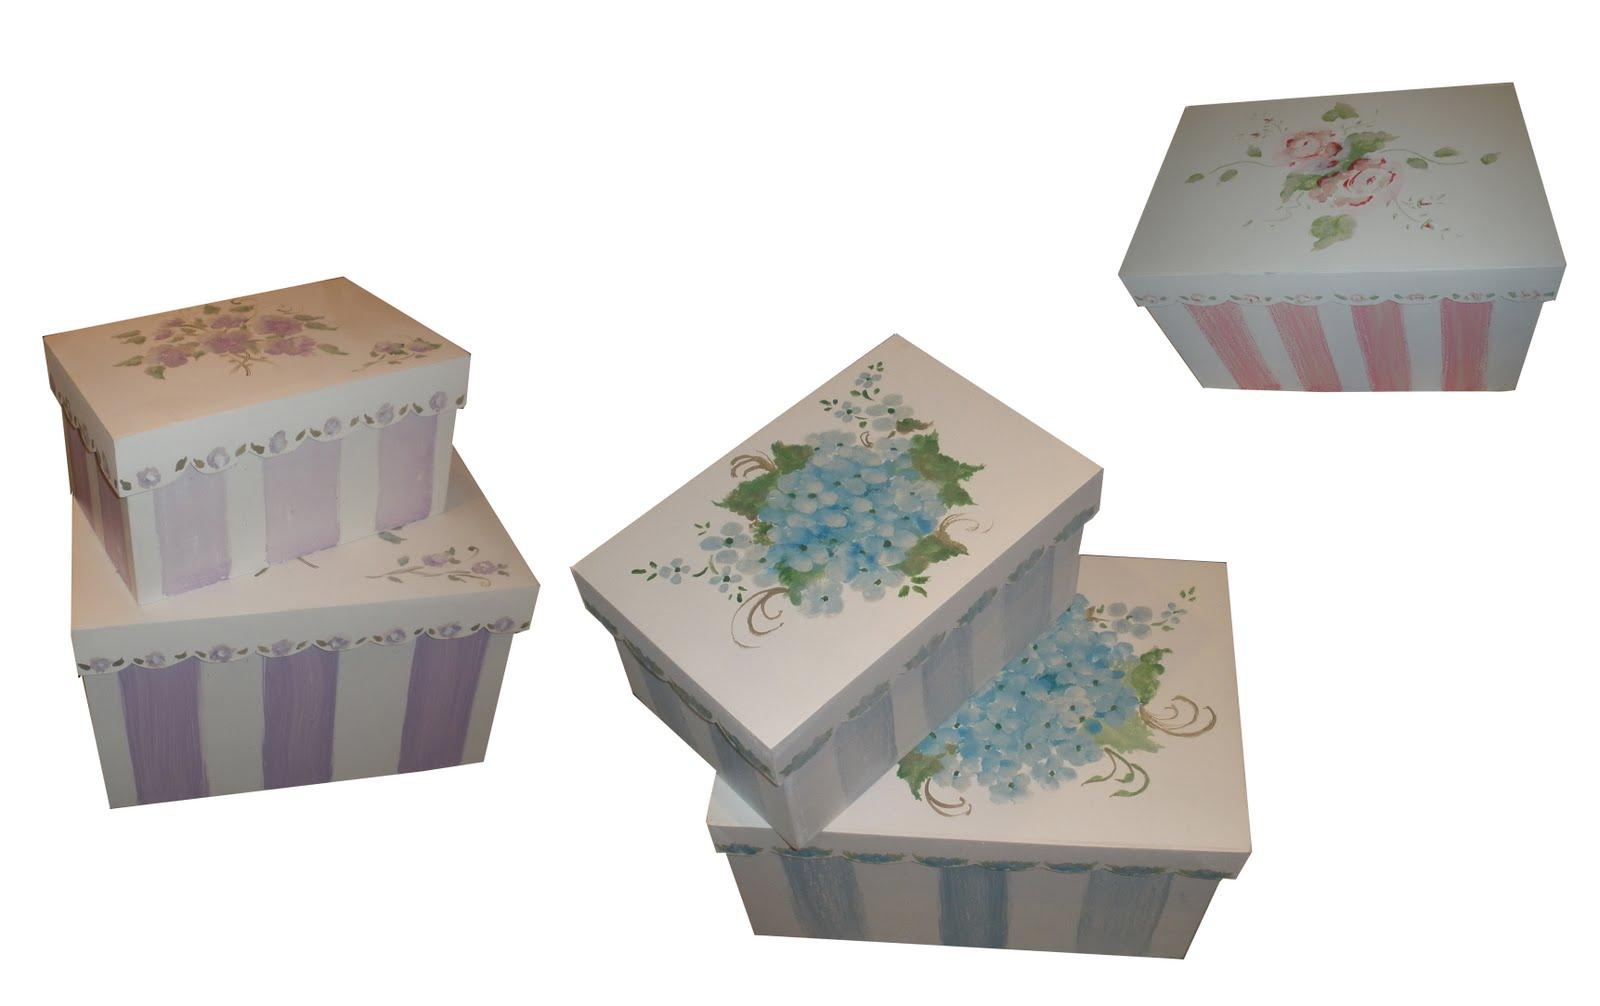 Fotos de cajas de madera pintadas a mano 30